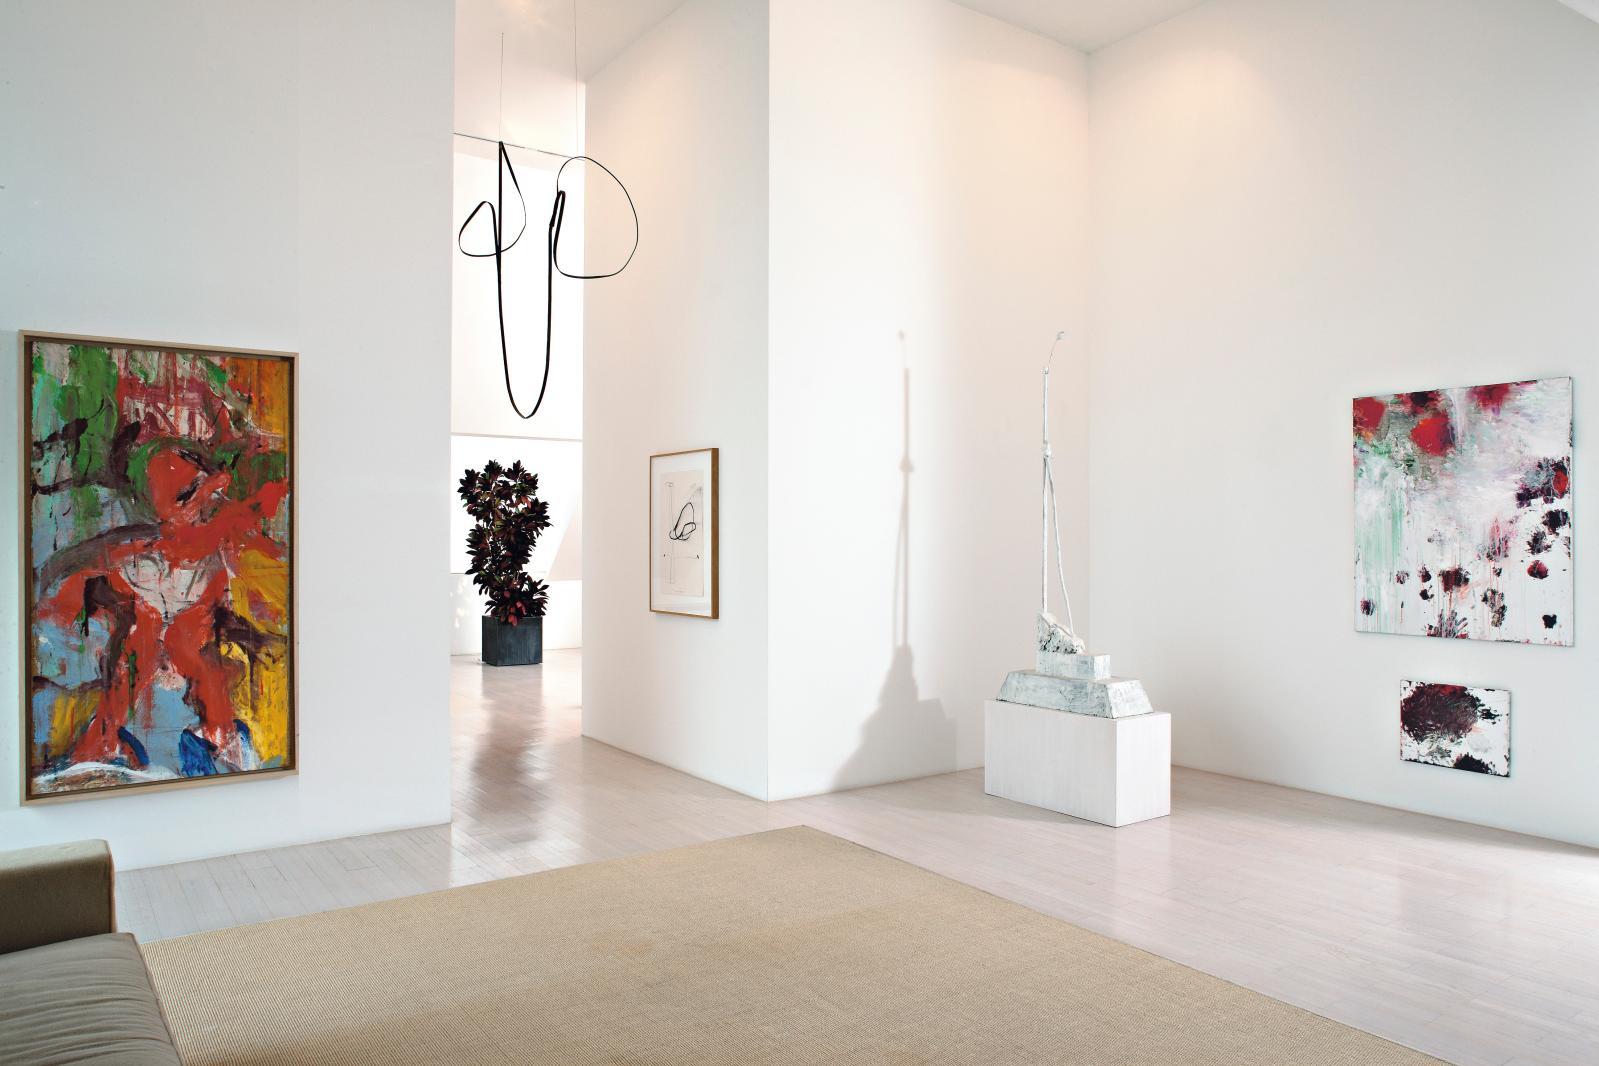 Vue d'intérieur privé.Œuvres de Willem De Kooning,d'Al Taylor.